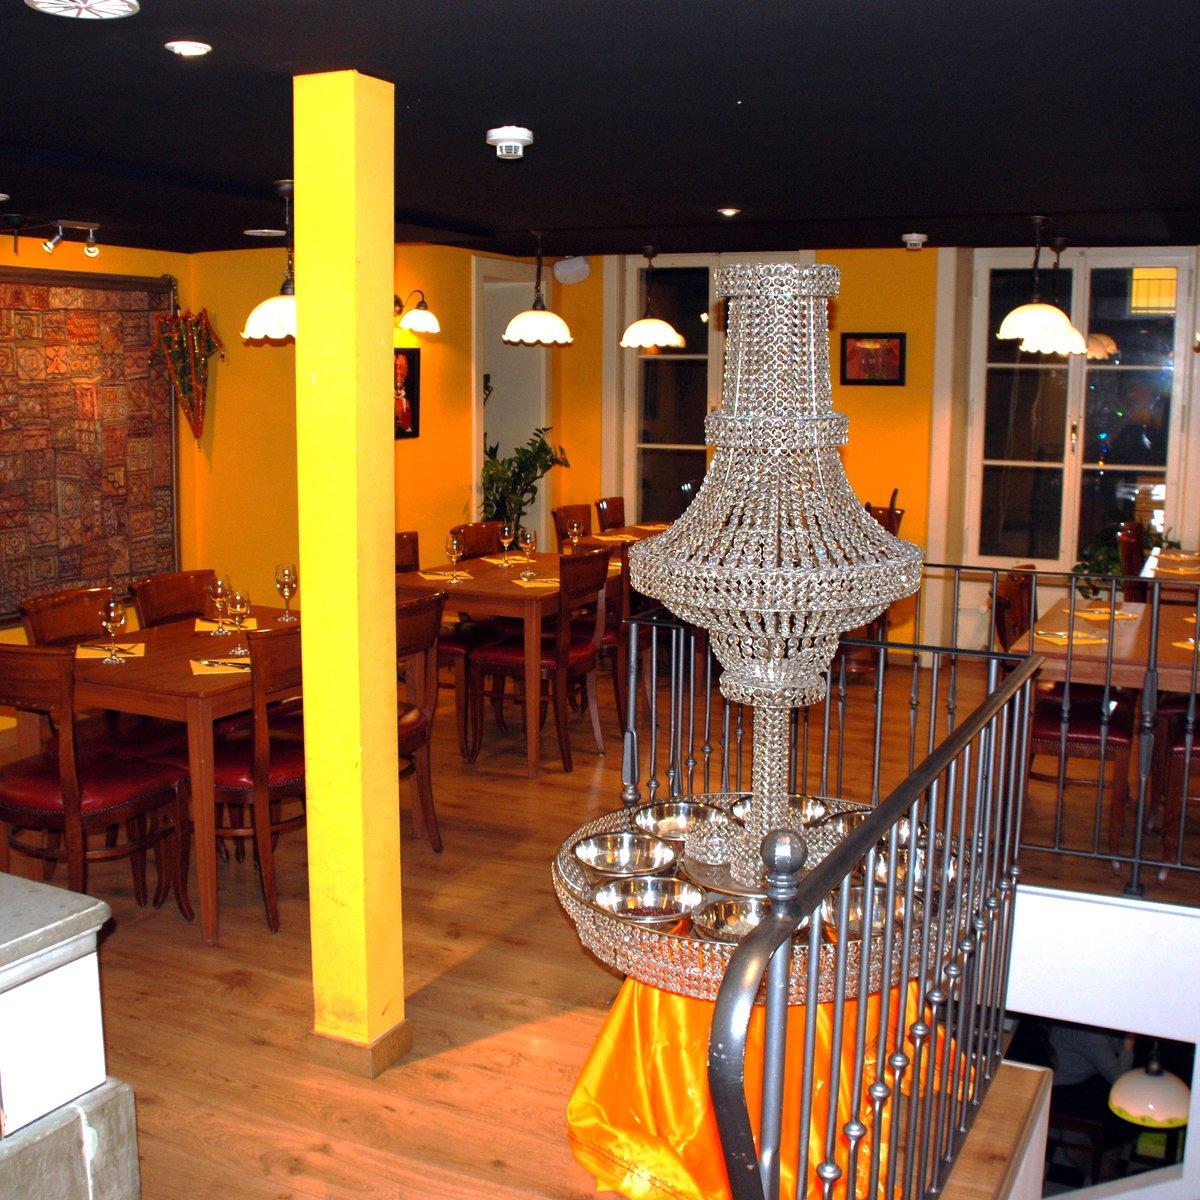 Foto Restaurant von innen